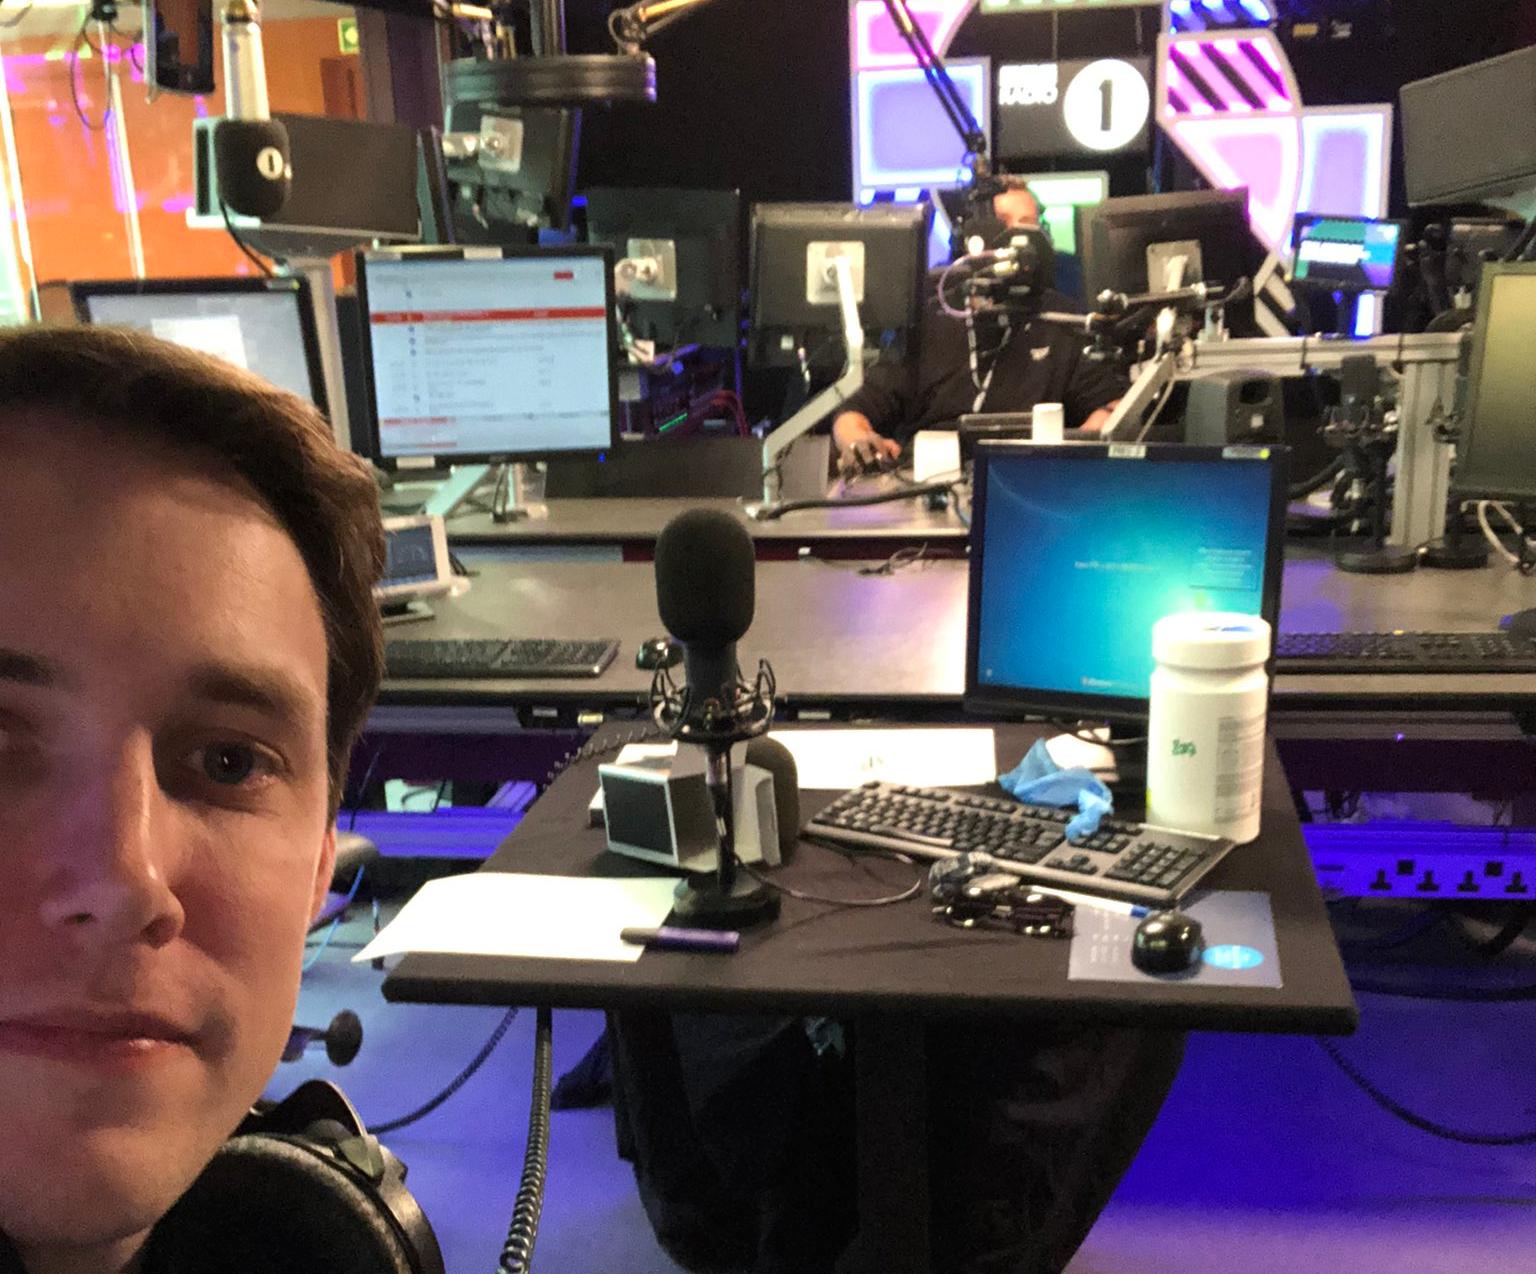 Co-presenters return to Radio 1 studios